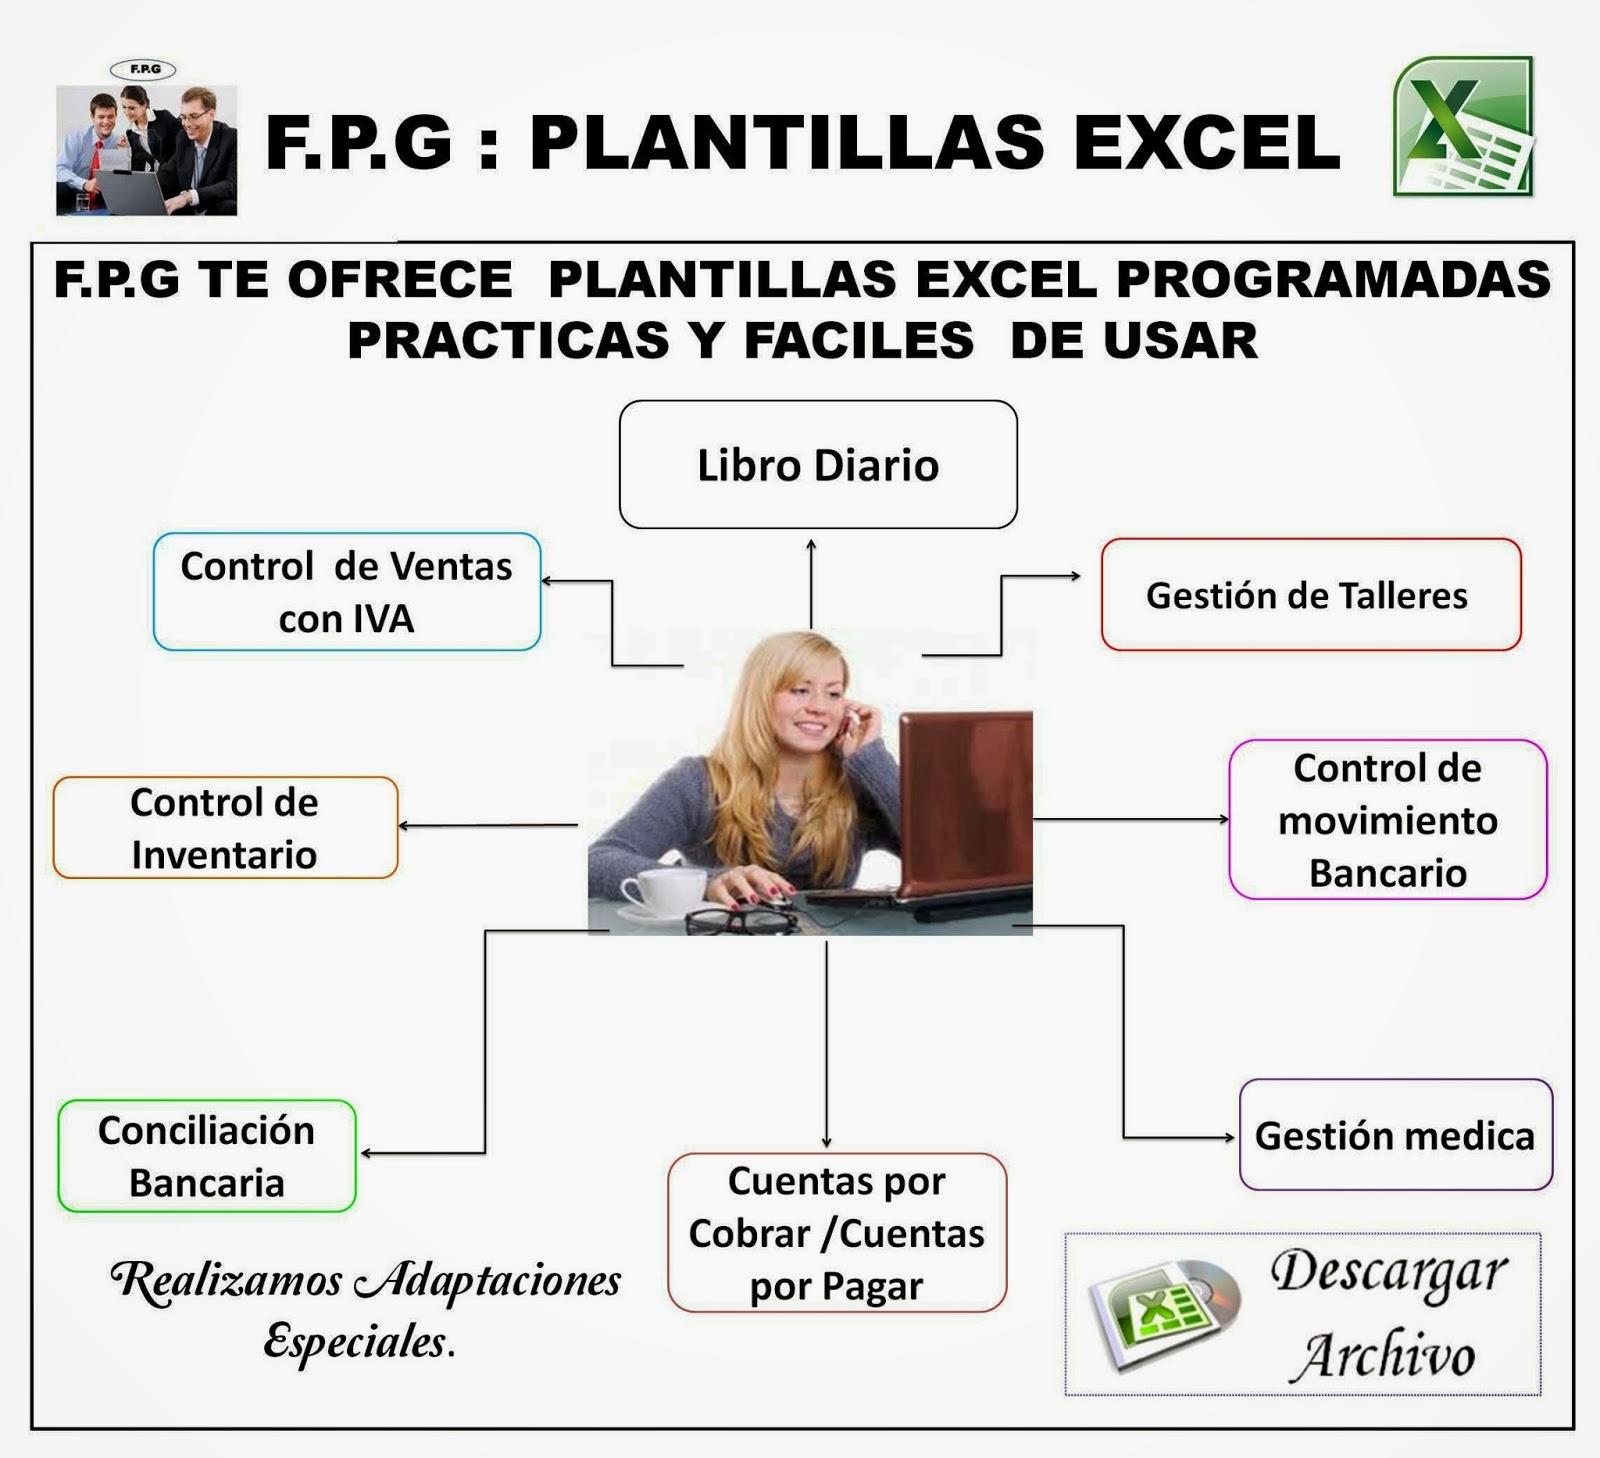 F.P.G ASESORES & CONSULTORES: F.P.G-PLANTILLAS EXCEL